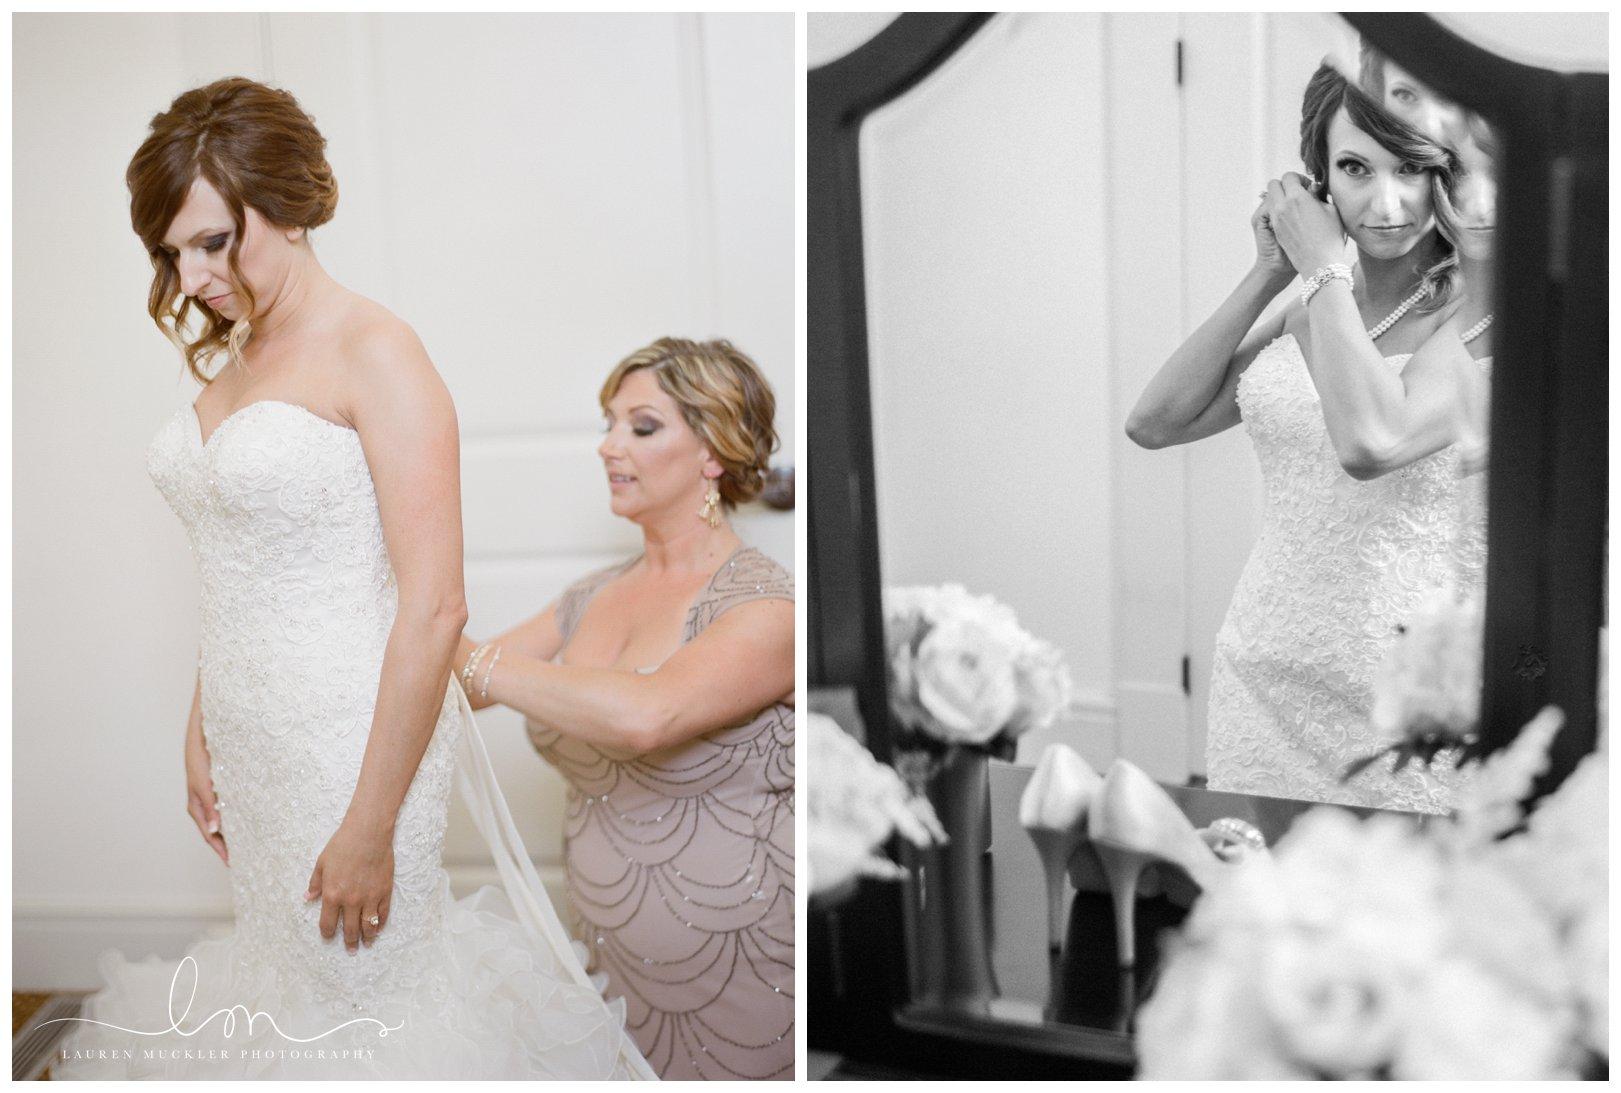 lauren muckler photography_fine art film wedding photography_st louis_photography_0459.jpg